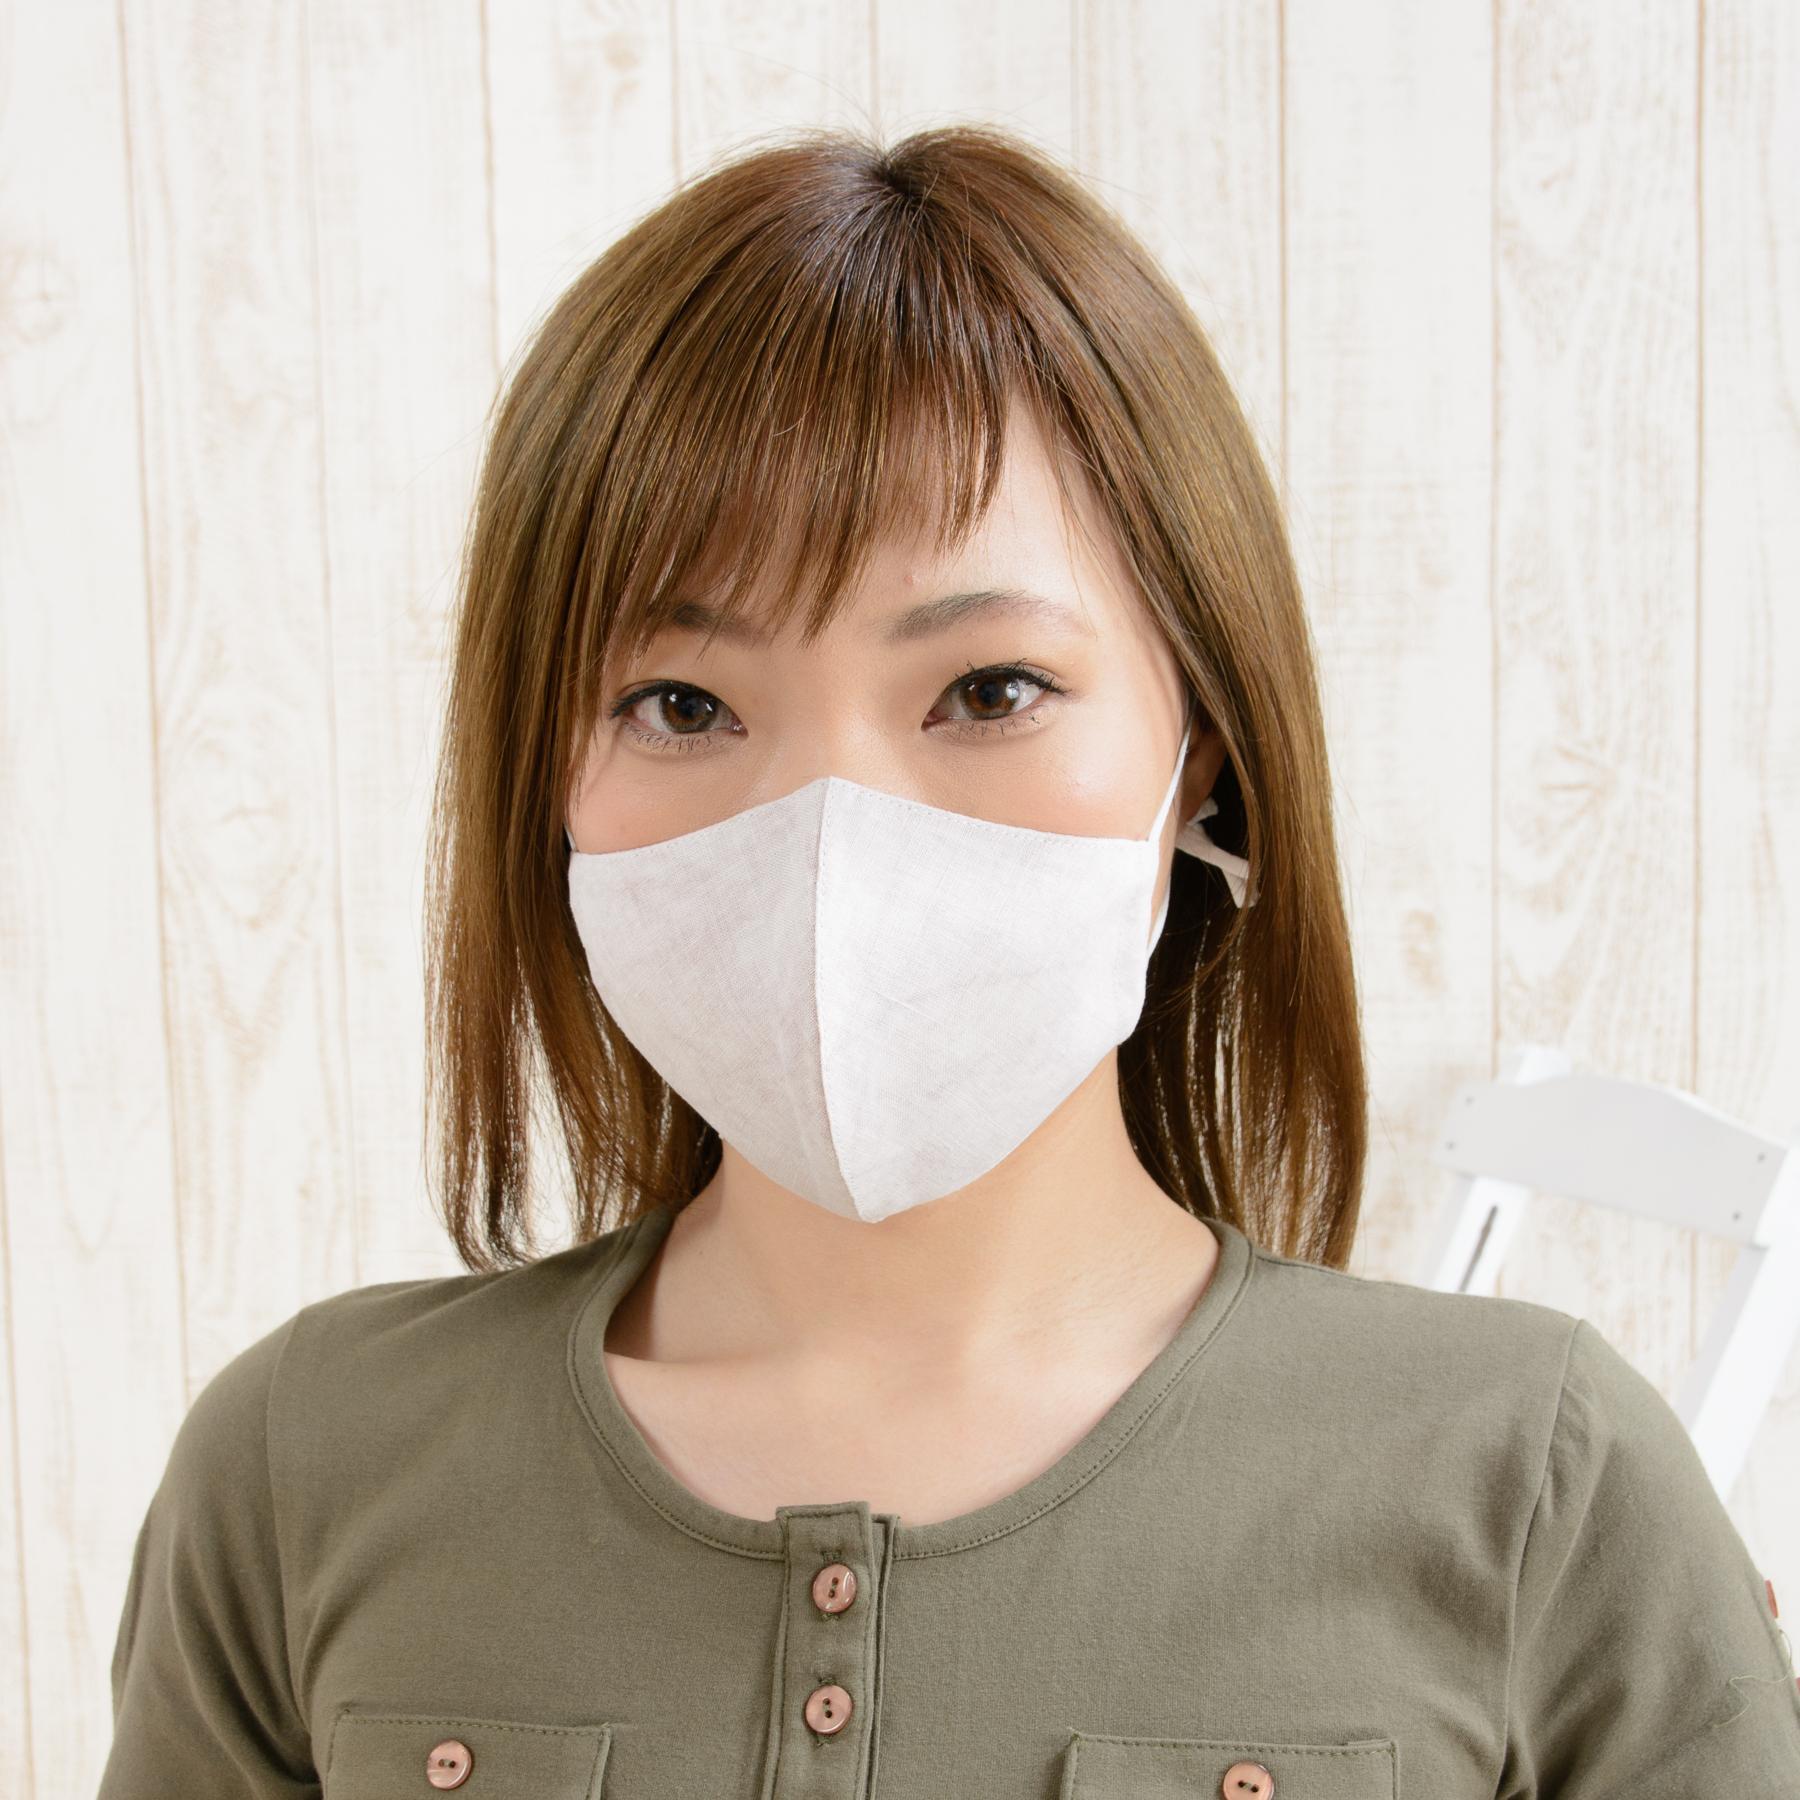 安眠マスク